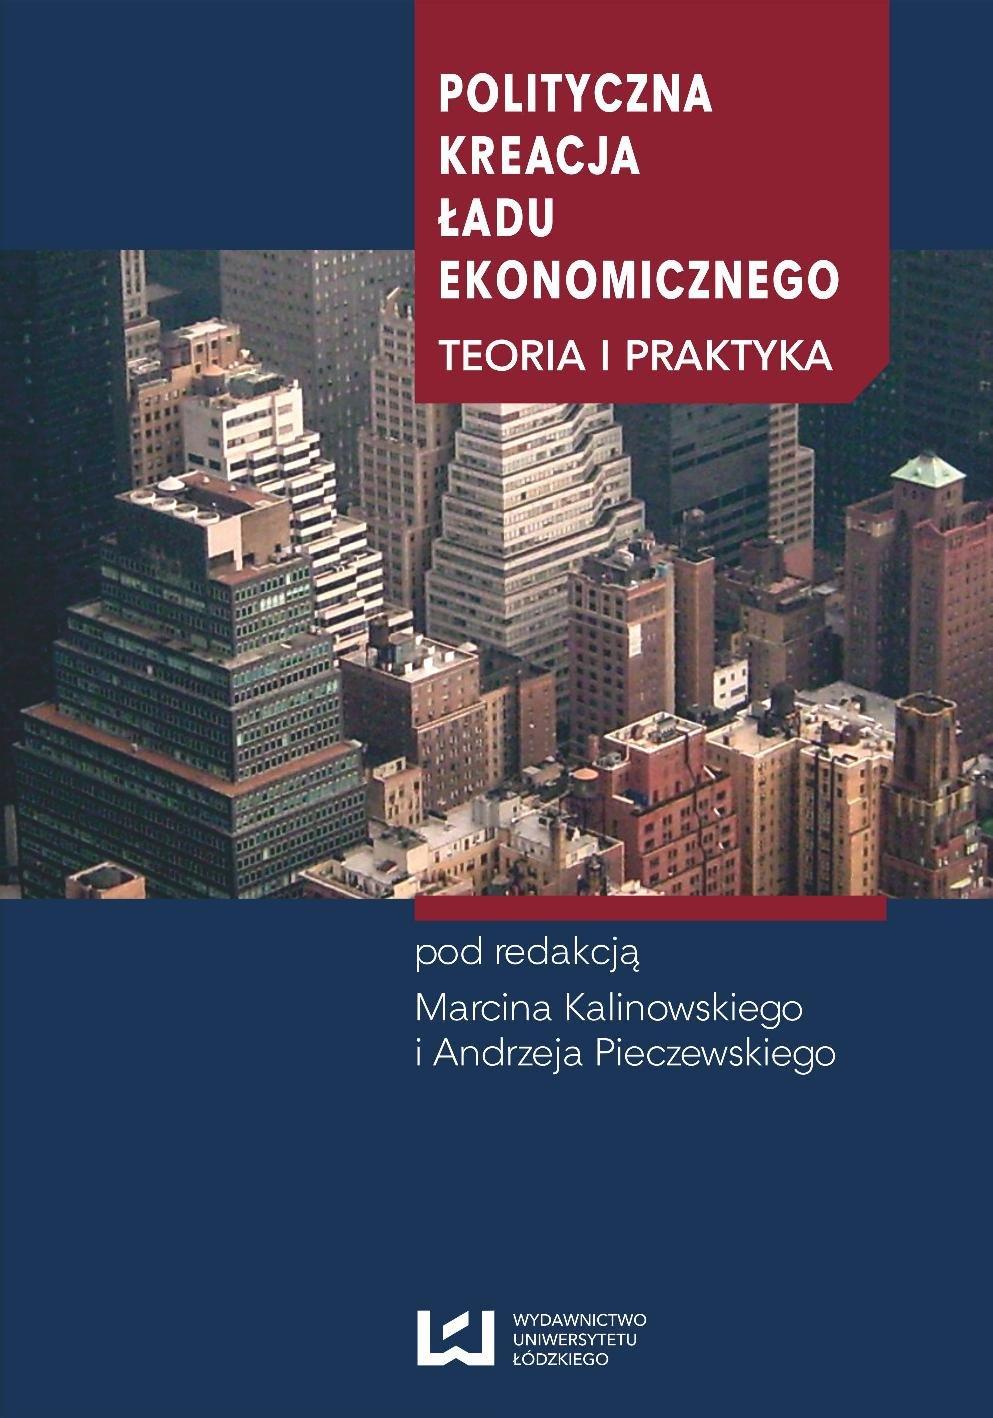 Polityczna kreacja ładu ekonomicznego. Teoria i praktyka - Ebook (Książka PDF) do pobrania w formacie PDF